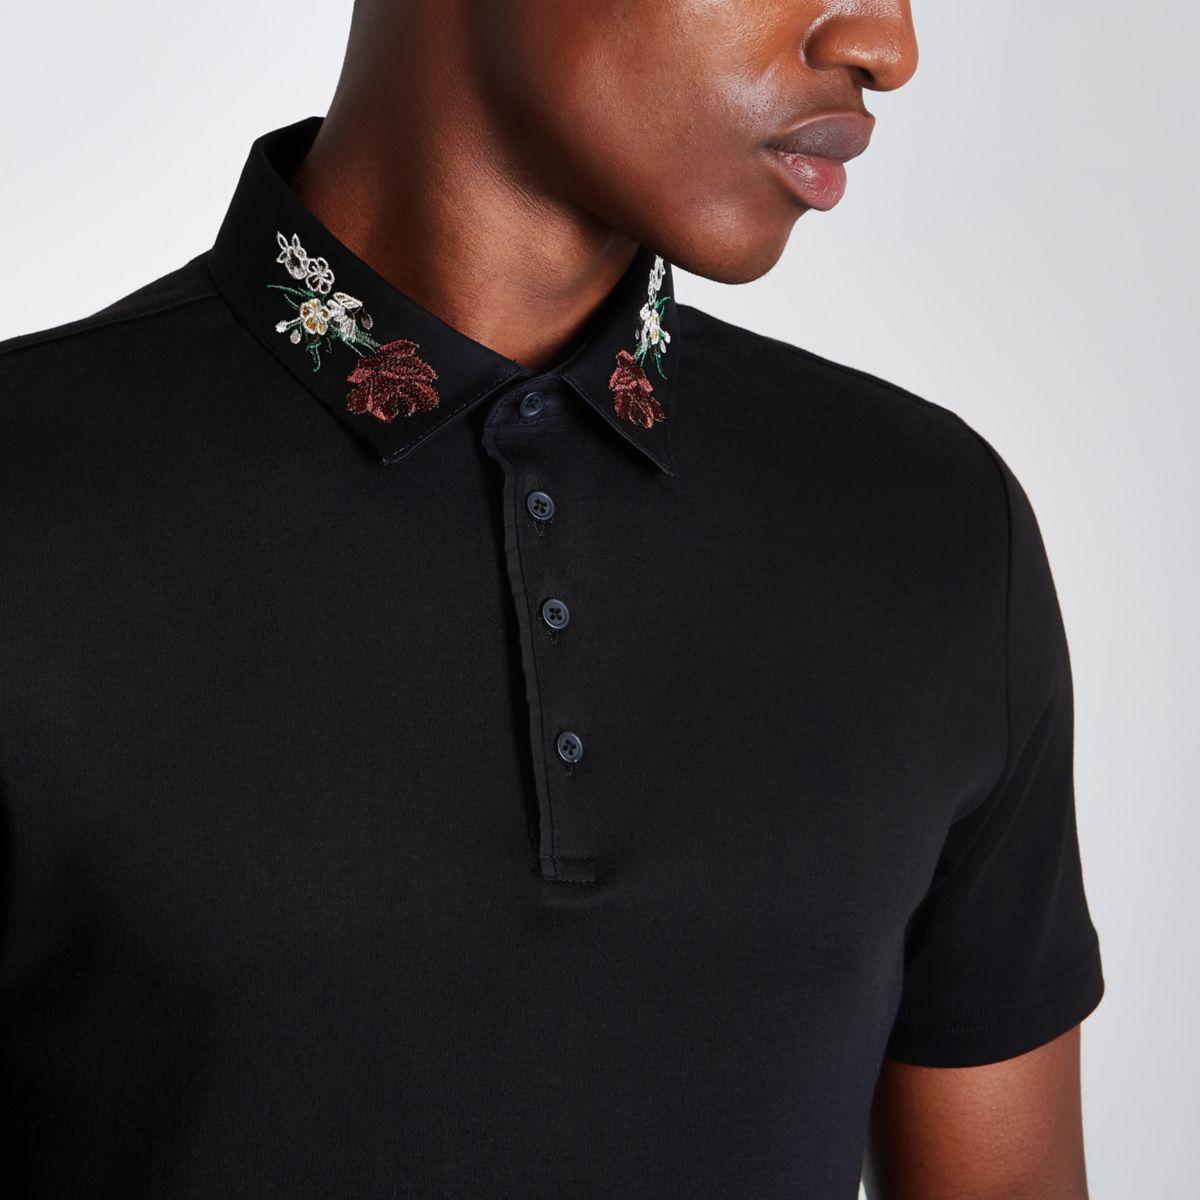 Schwarzes, schmales Polohemd mit besticktem Kragen